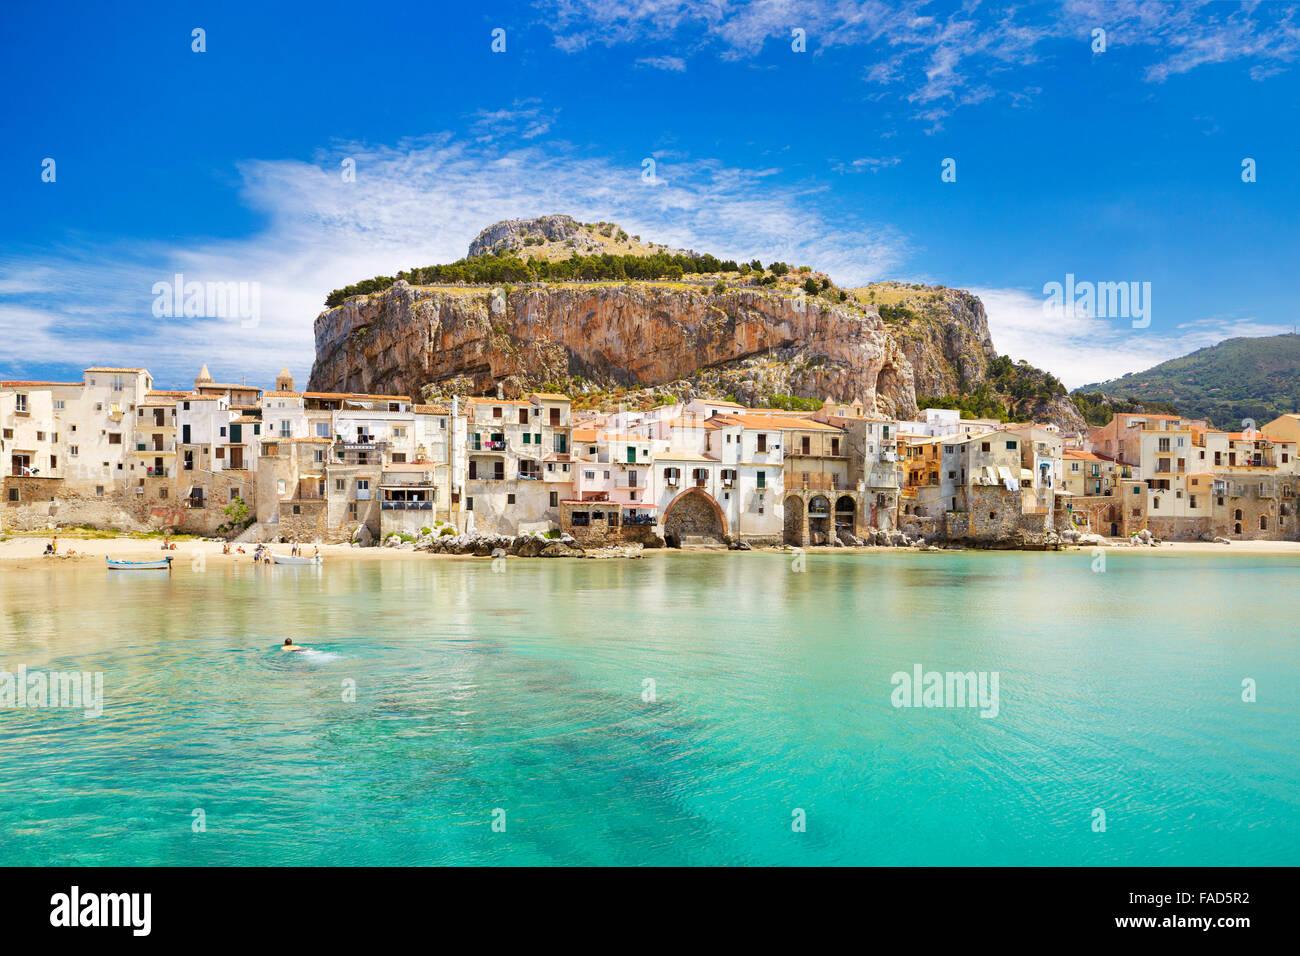 Mittelalterlichen Häusern und La Rocca Hill, Cefalu, Sizilien, Italien Stockbild